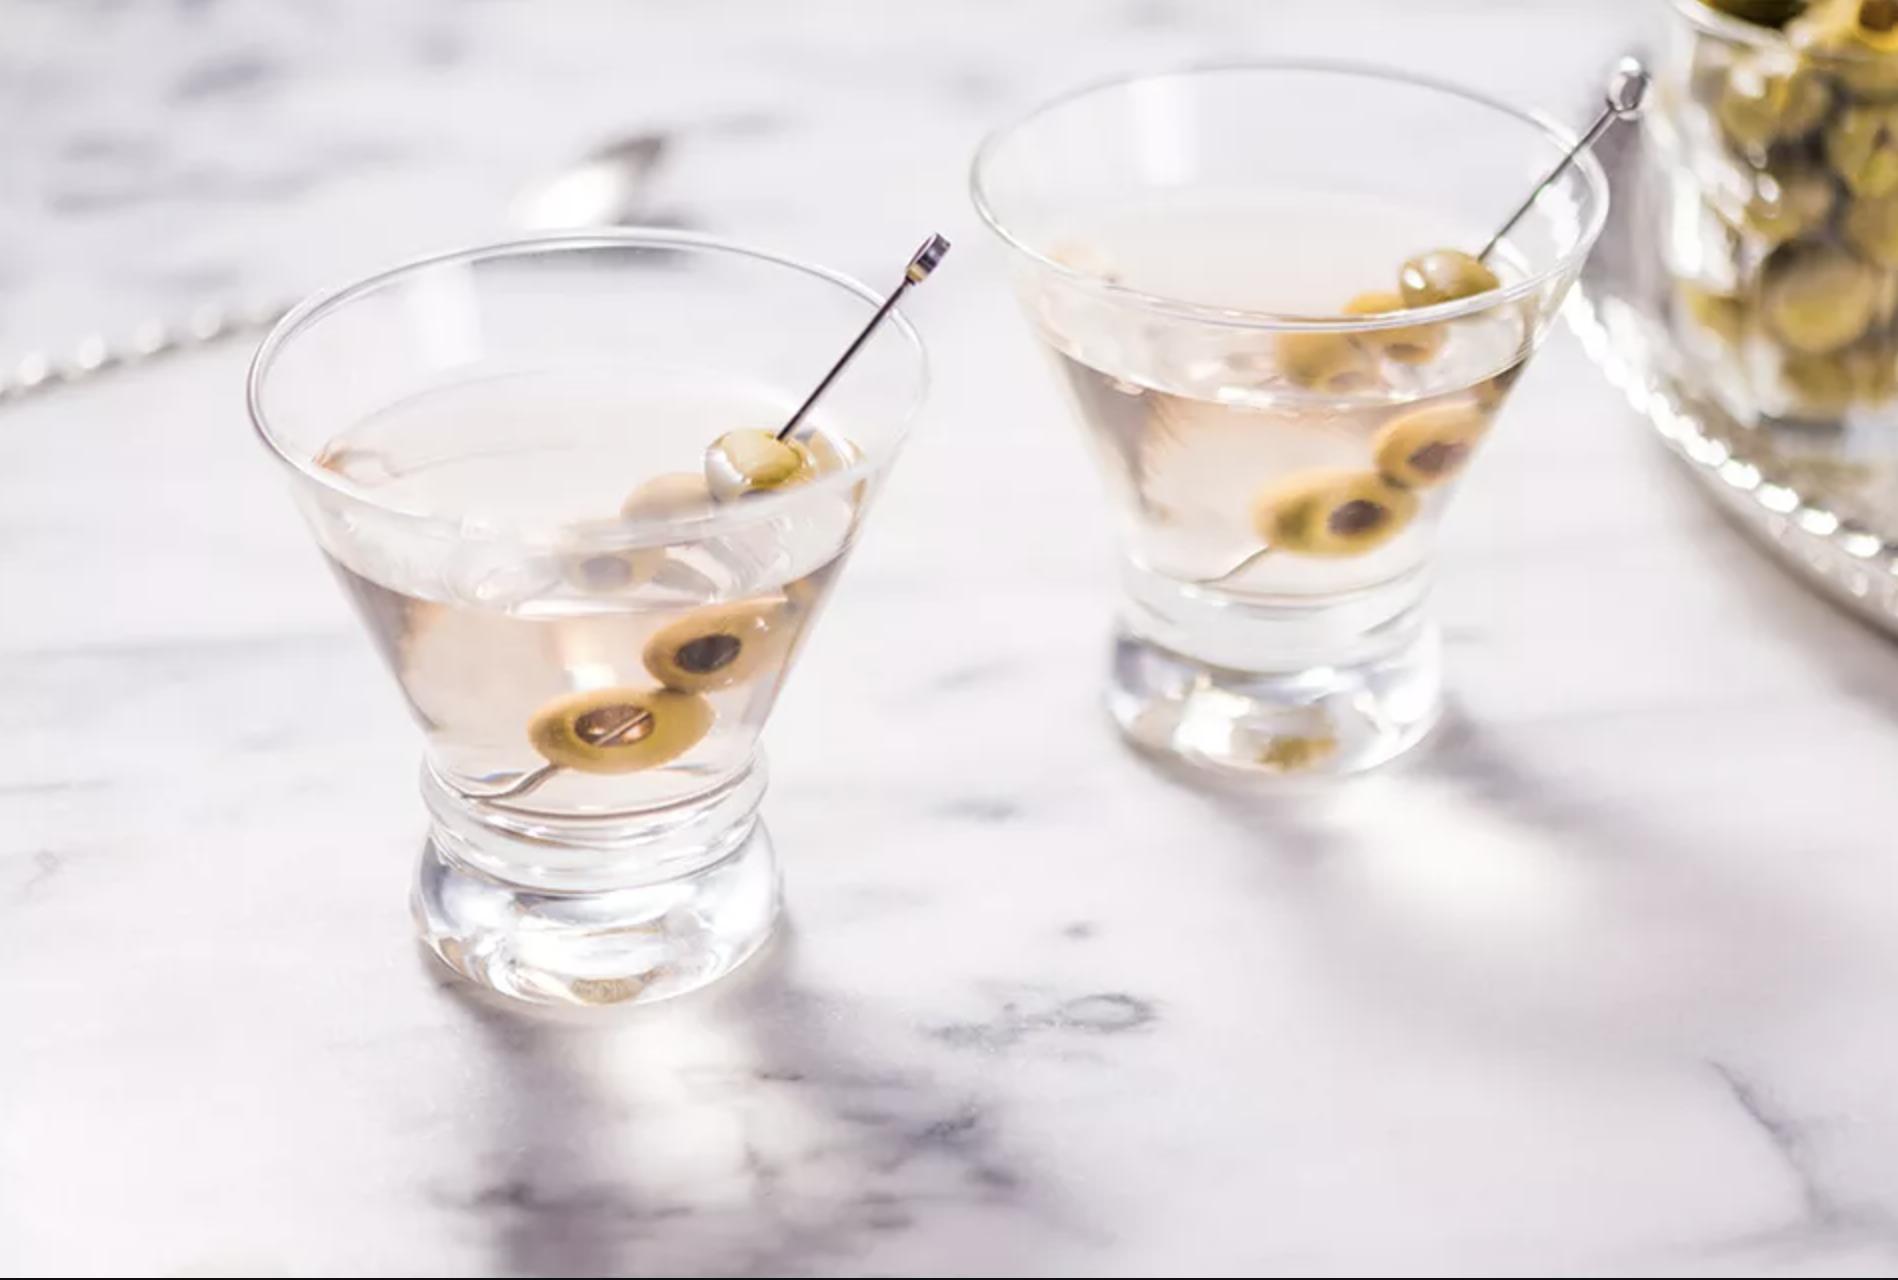 date night ideas gin martini